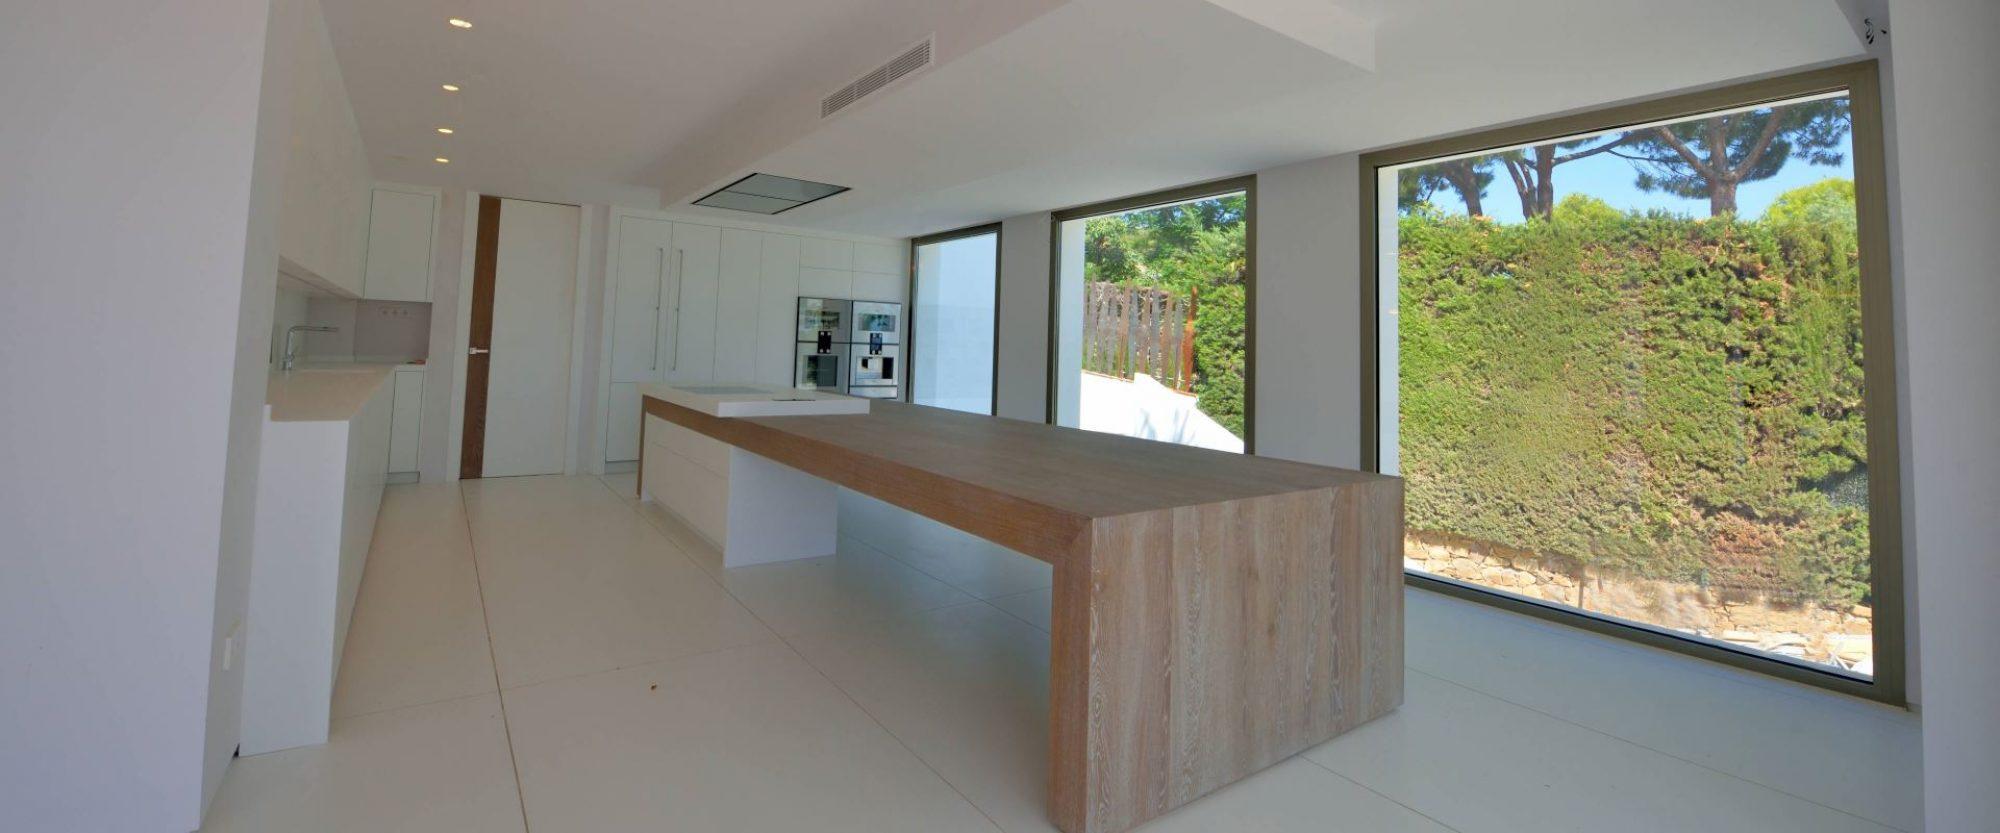 for sale contemporary villa in cascada de camojan marbella modern kitchen